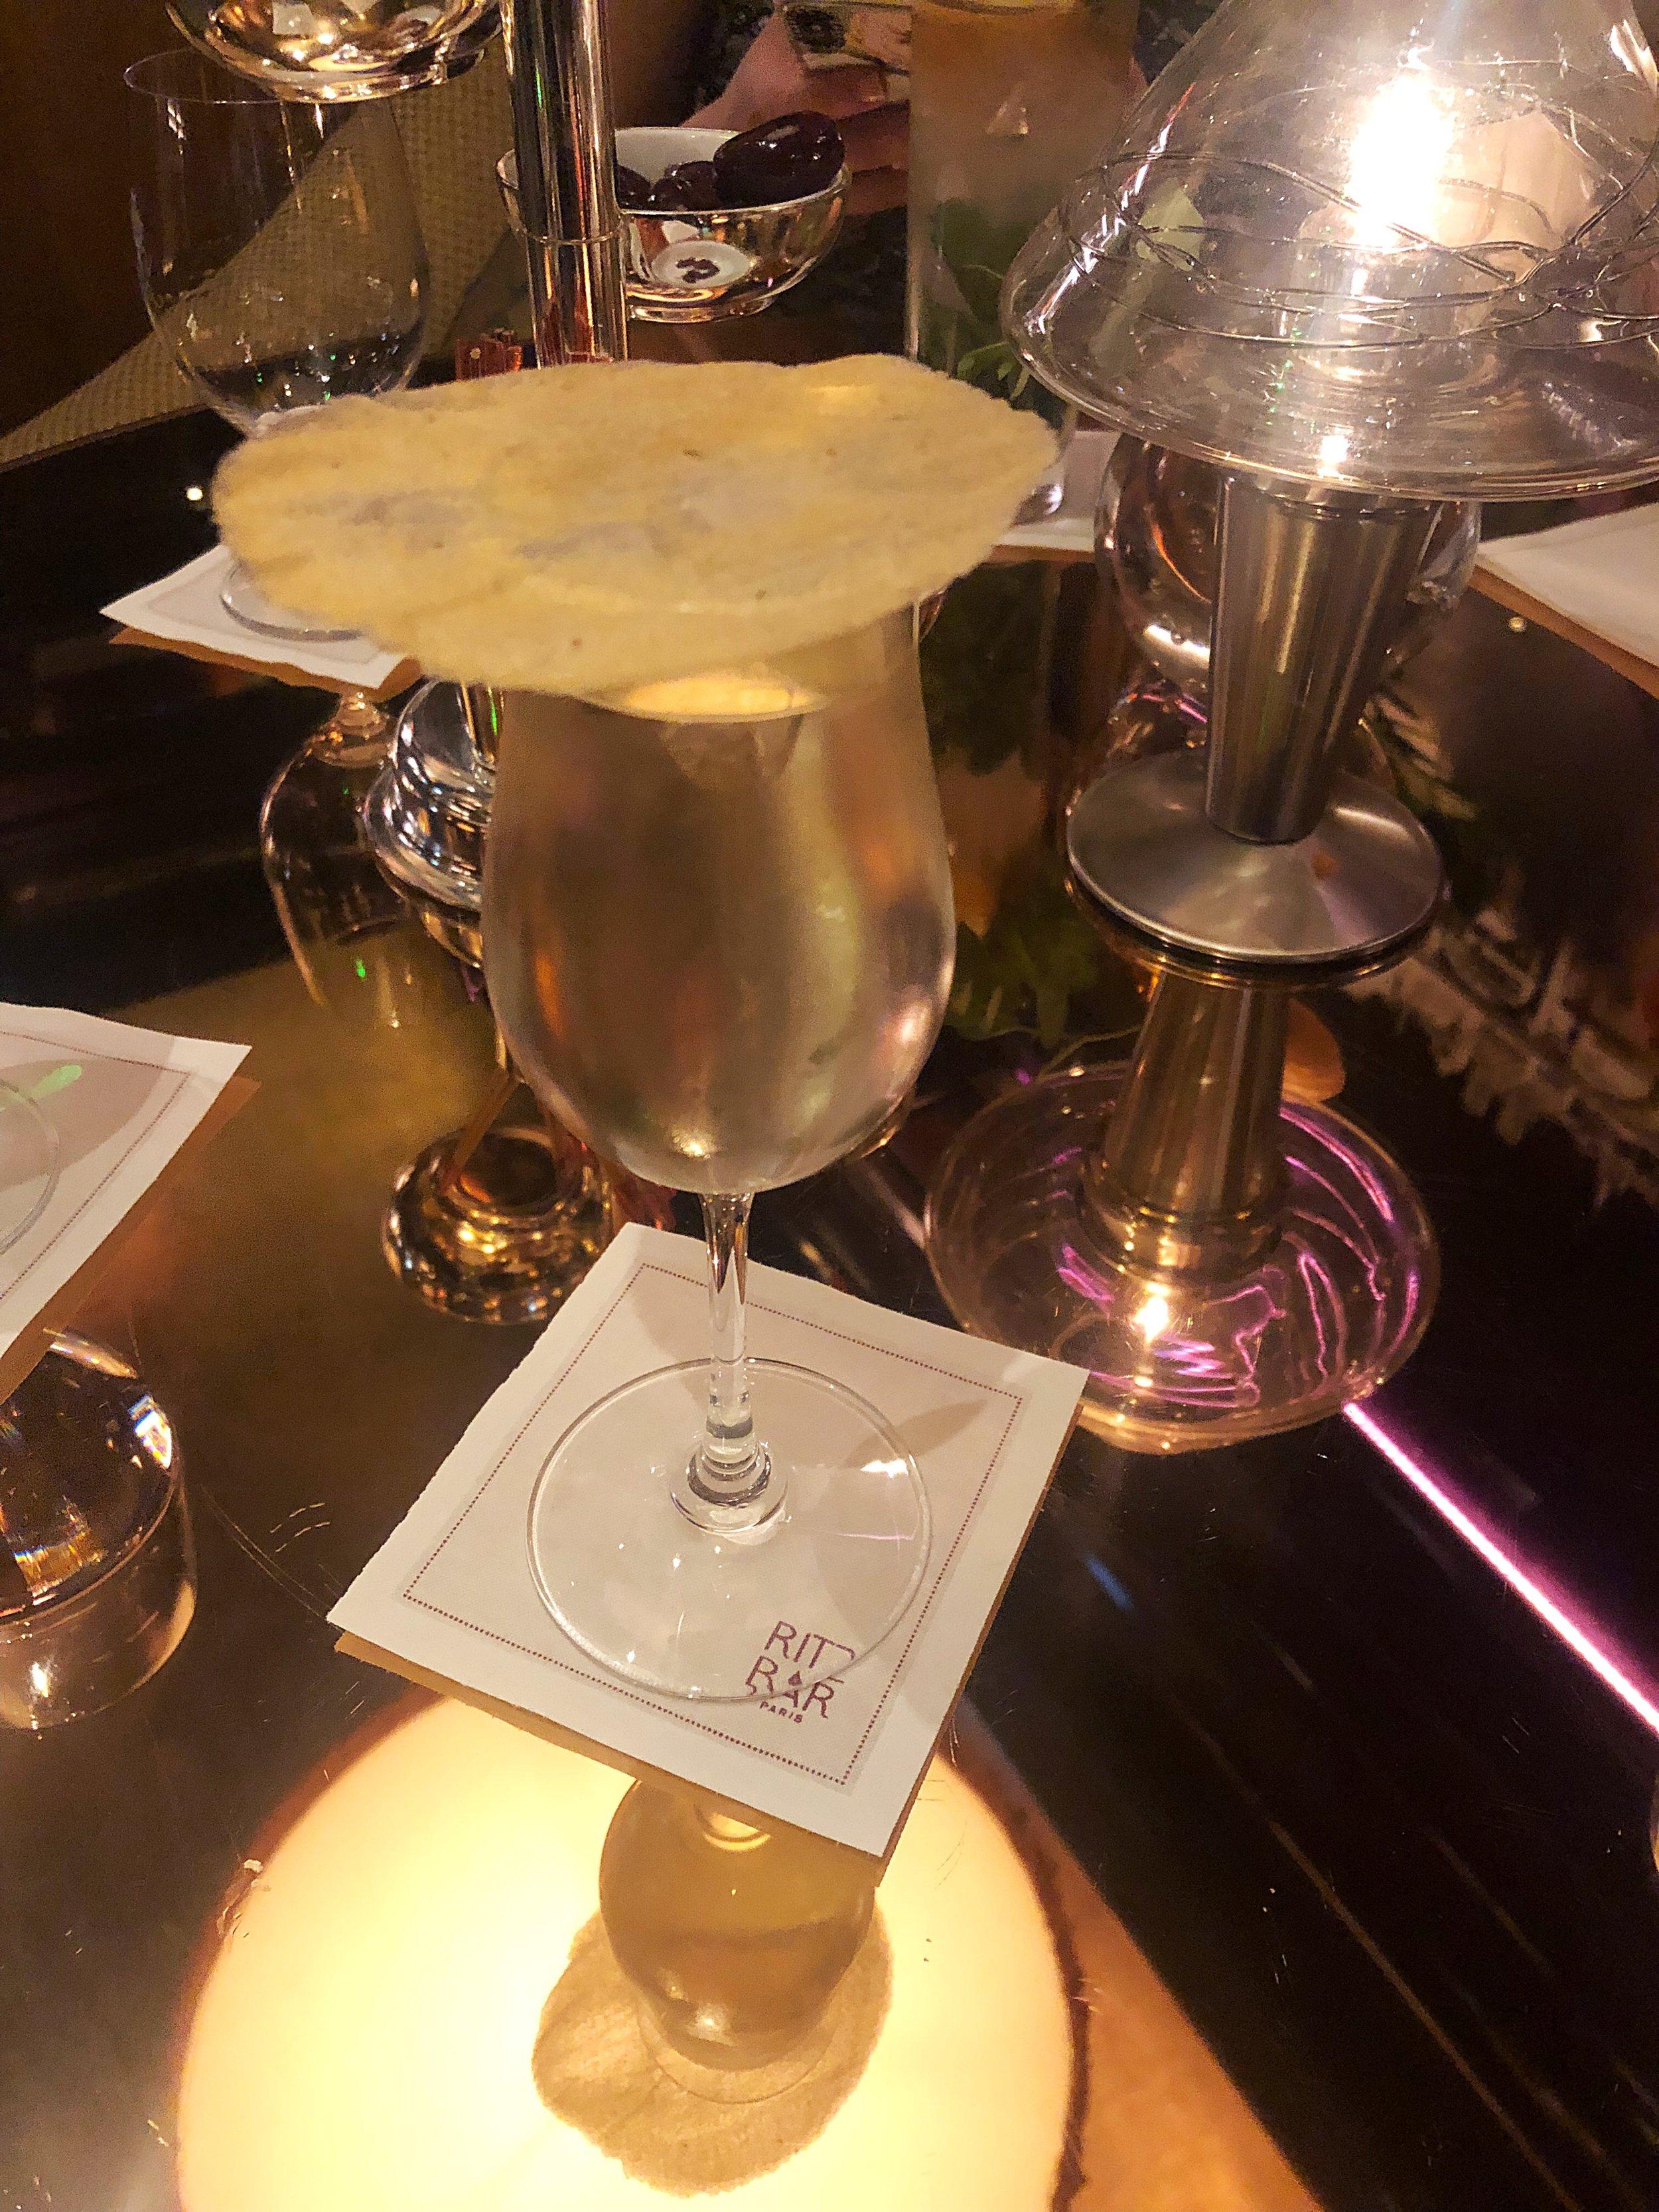 A 28 euro Gimlet at the Ritz